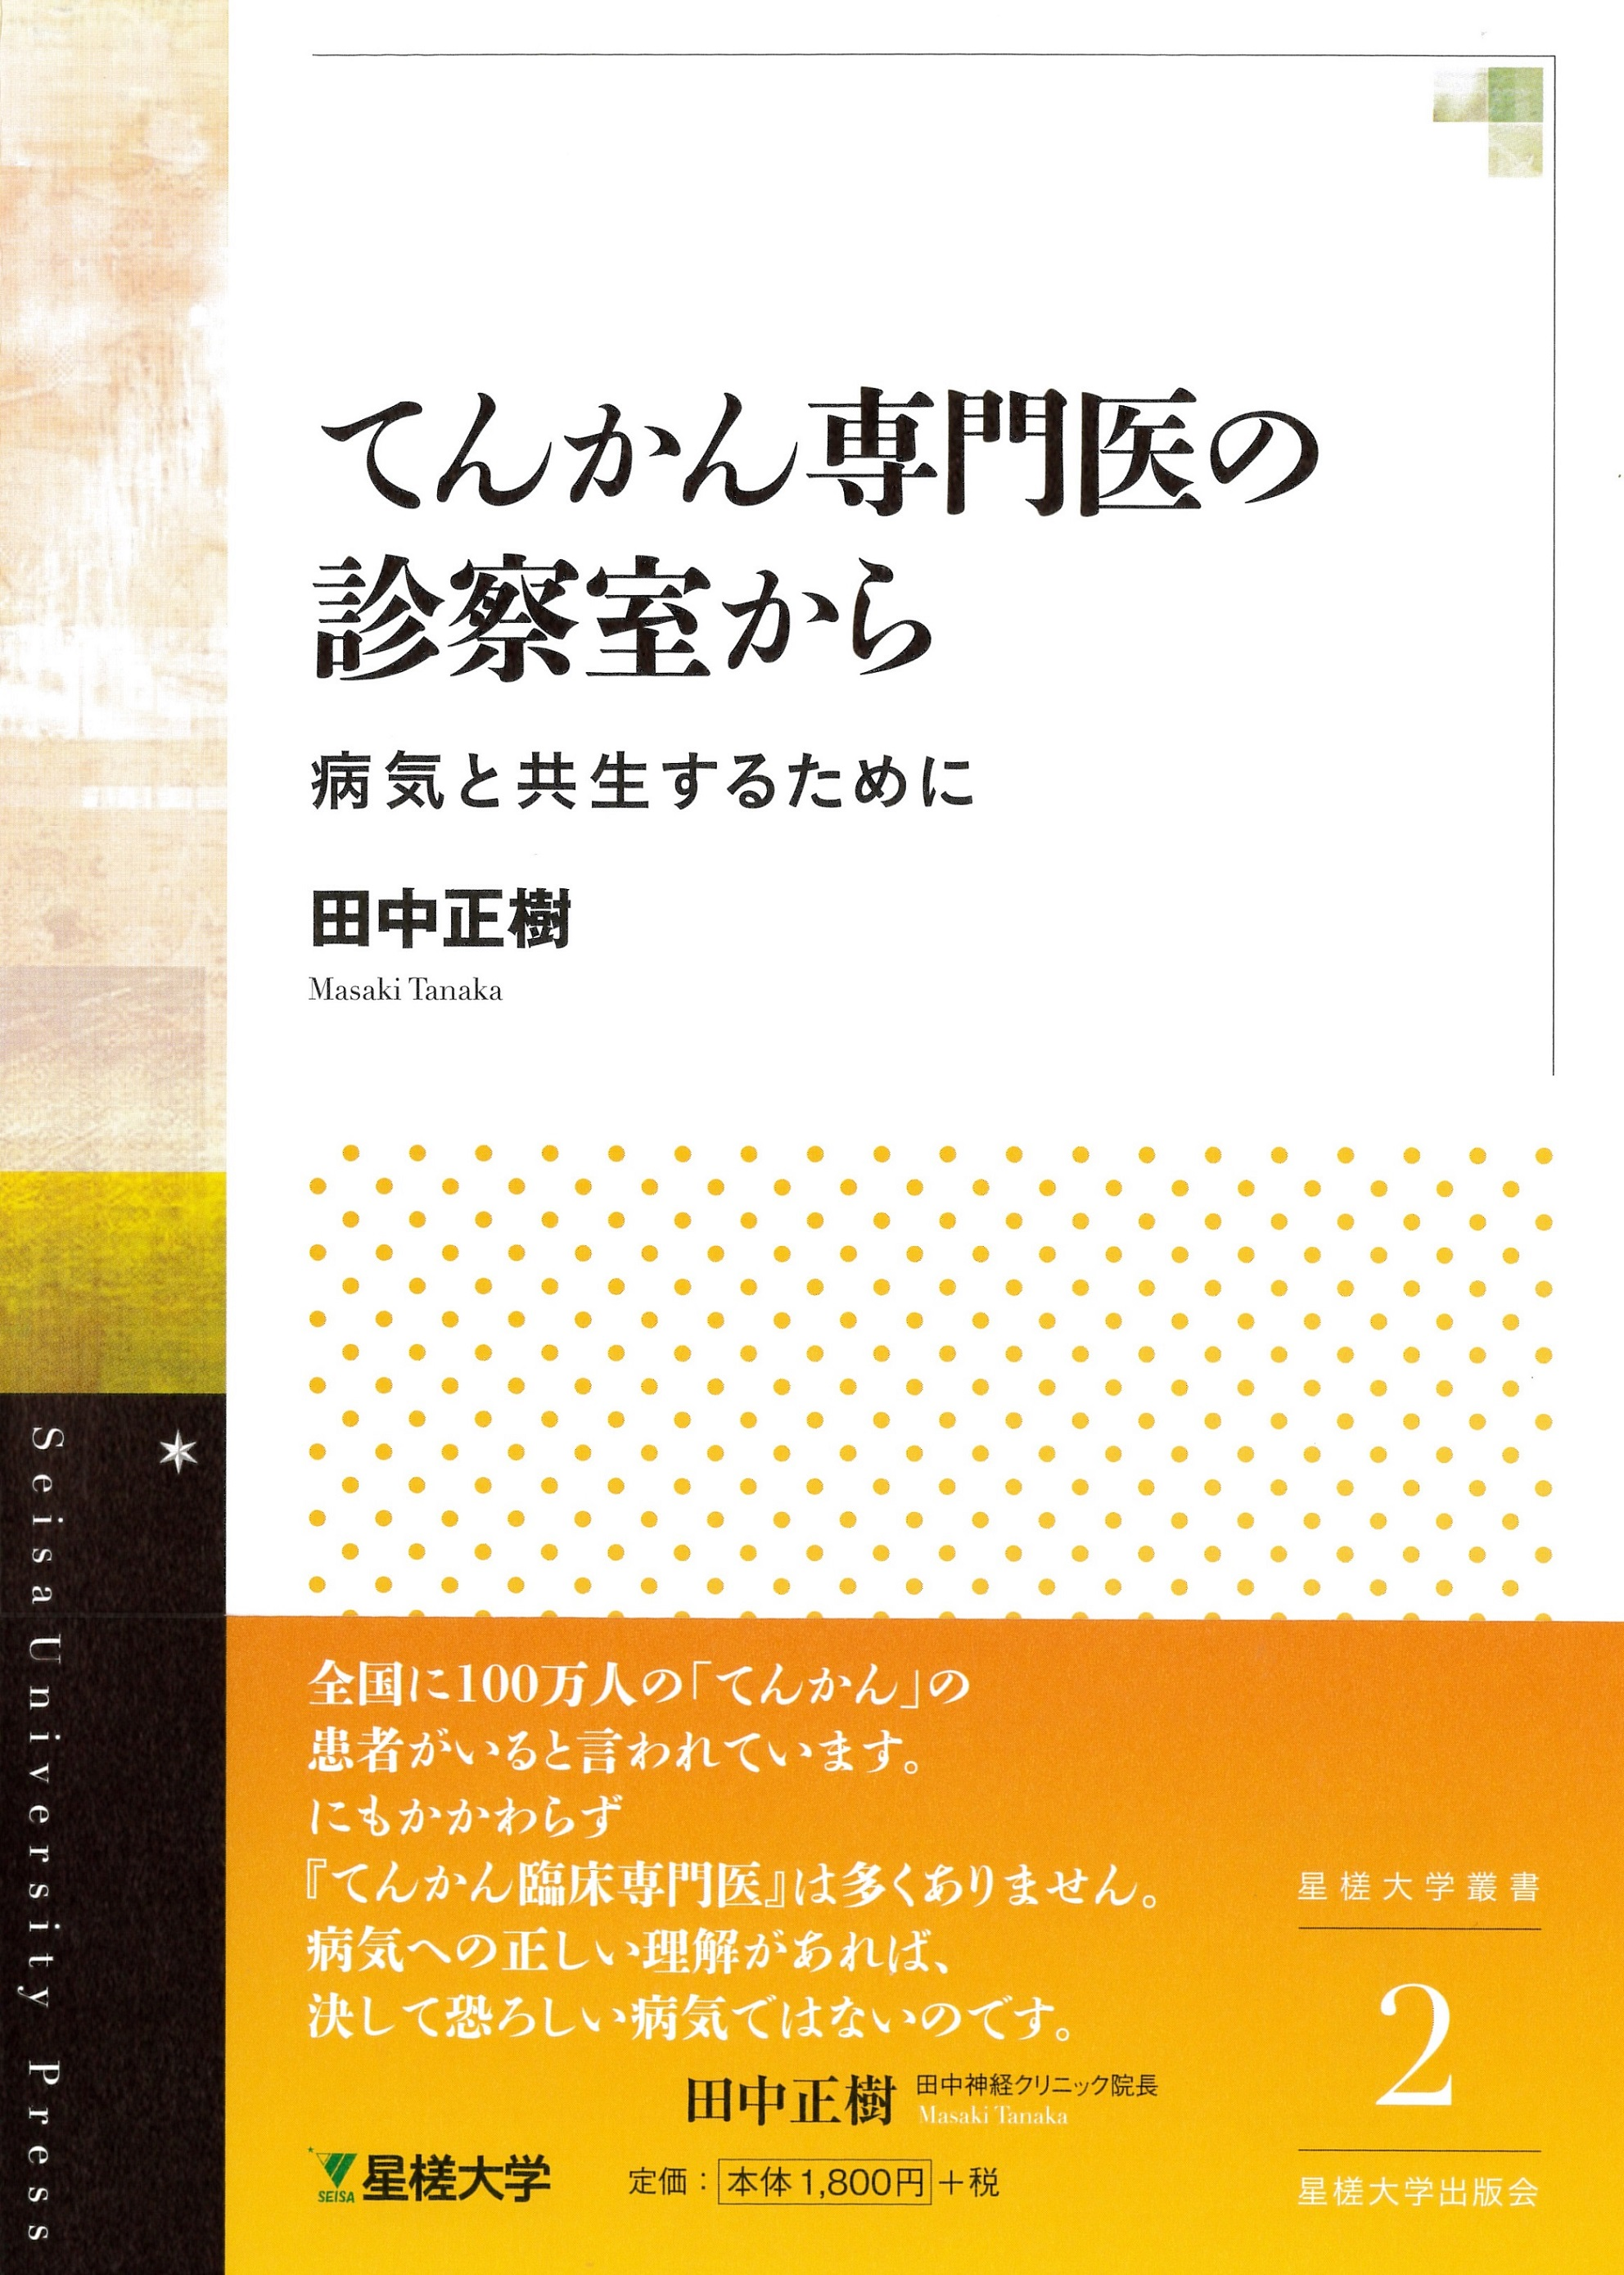 てんかん専門医の診察室から 表紙.jpg